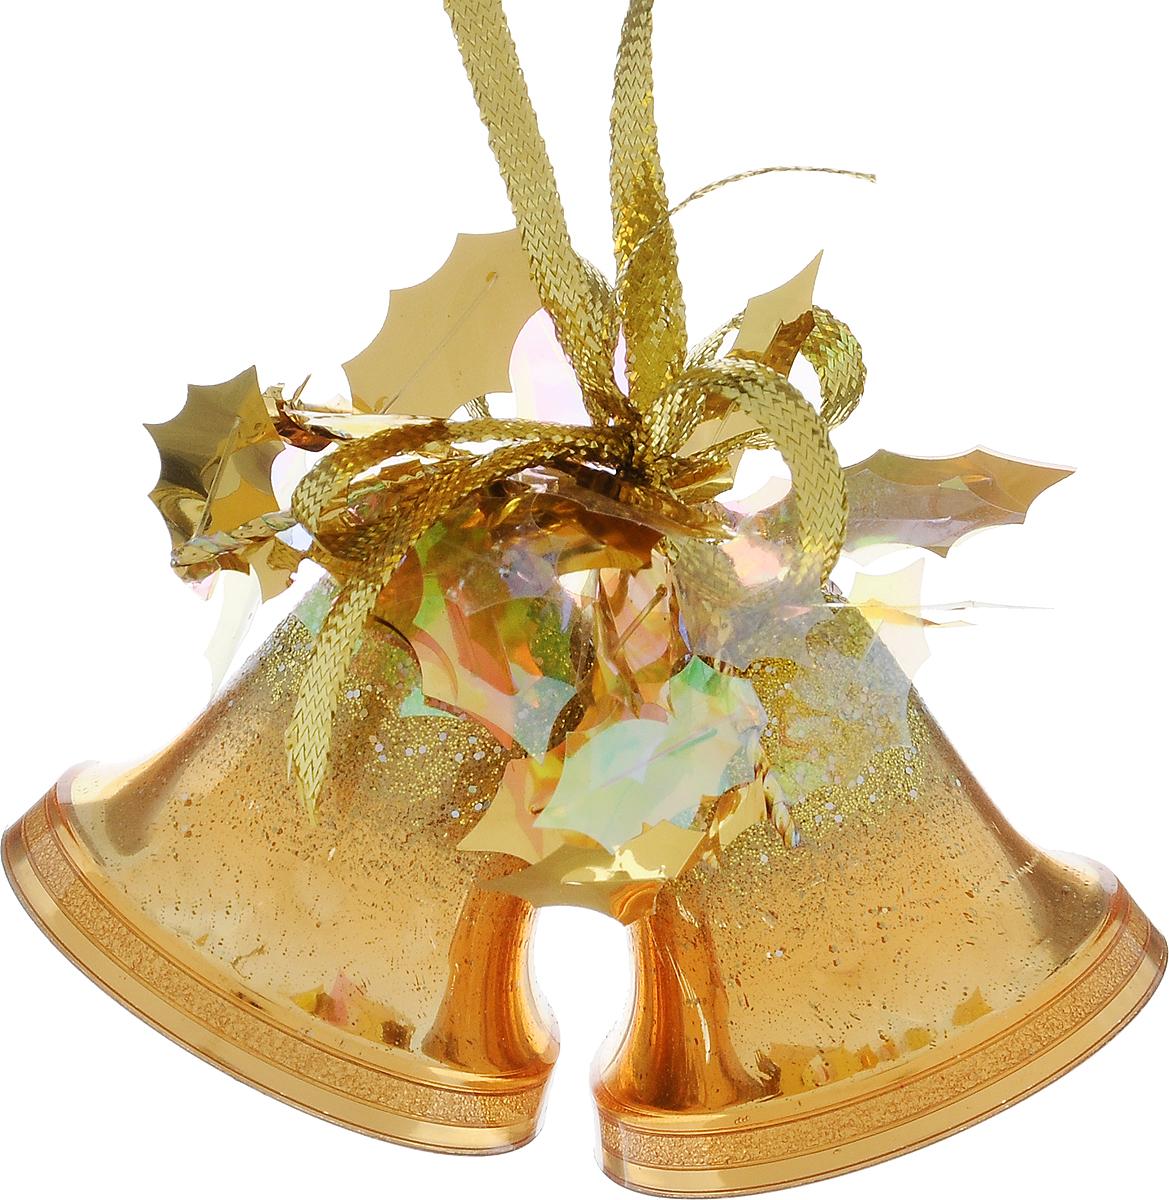 Украшение новогоднее подвесное Weiste Двойные колокольчики, цвет: золотой, высота 6 см5531Новогоднее подвесное украшение Weiste Двойные колокольчики выполнено из пластика и ПВХ. Изделие оформлено блестками. С помощью специальной петельки украшение можно повесить в любом понравившемся вам месте. Но, конечно, удачнее всего оно будет смотреться на праздничной елке.Елочная игрушка - символ Нового года. Она несет в себе волшебство и красоту праздника. Создайте в своем доме атмосферу веселья и радости, украшая новогоднюю елку нарядными игрушками, которые будут из года в год накапливать теплоту воспоминаний.Размер колокольчика: 5 х 5 х 5 см.Общий размер украшения: 5 х 6 х 10 см.